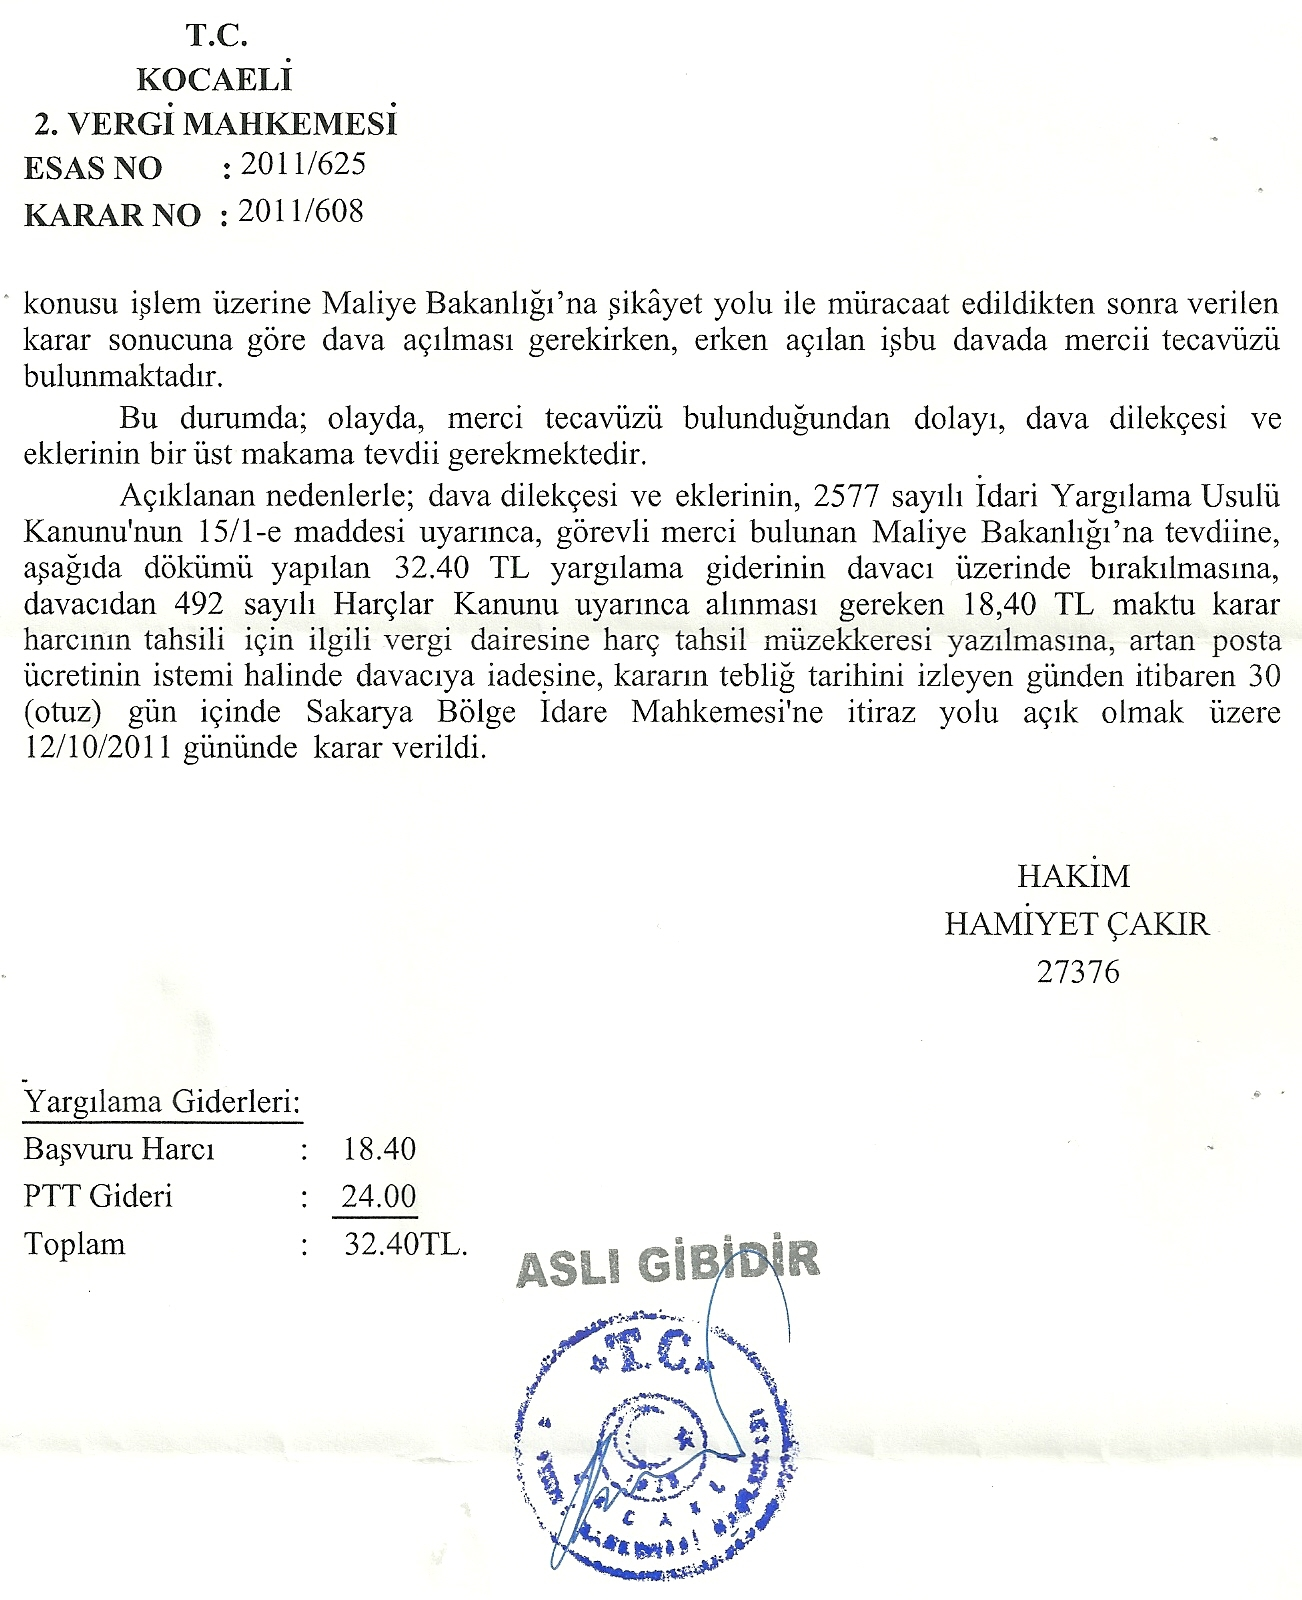 idarimercitecavuzu2 - Sakat statüsünde alınan araç için ödenen KDV'nin geri alınması işlemleri ve süreç